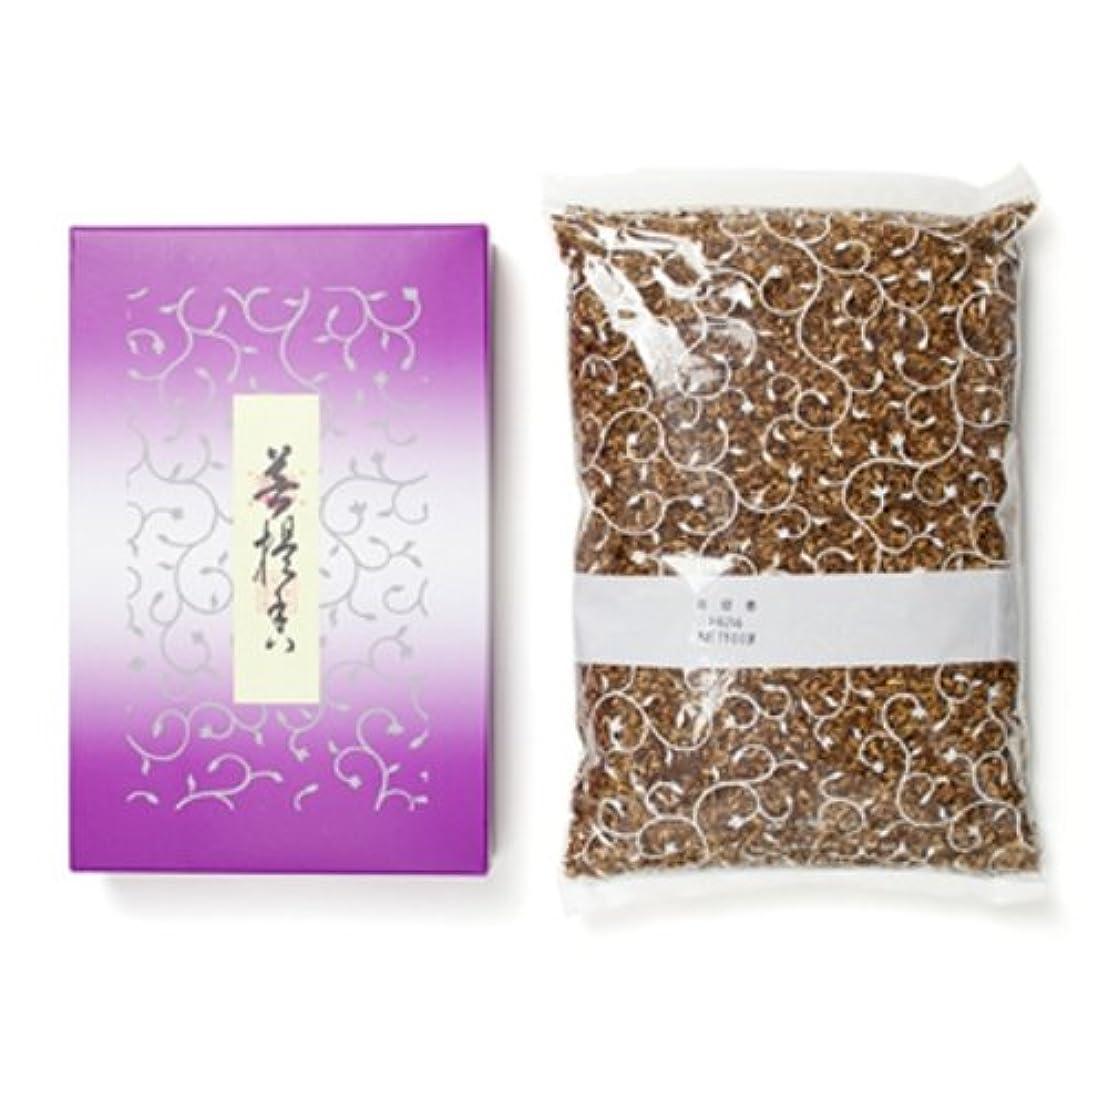 クライマックスエクステント最終松栄堂のお焼香 菩提香 500g詰 紙箱入 #410411